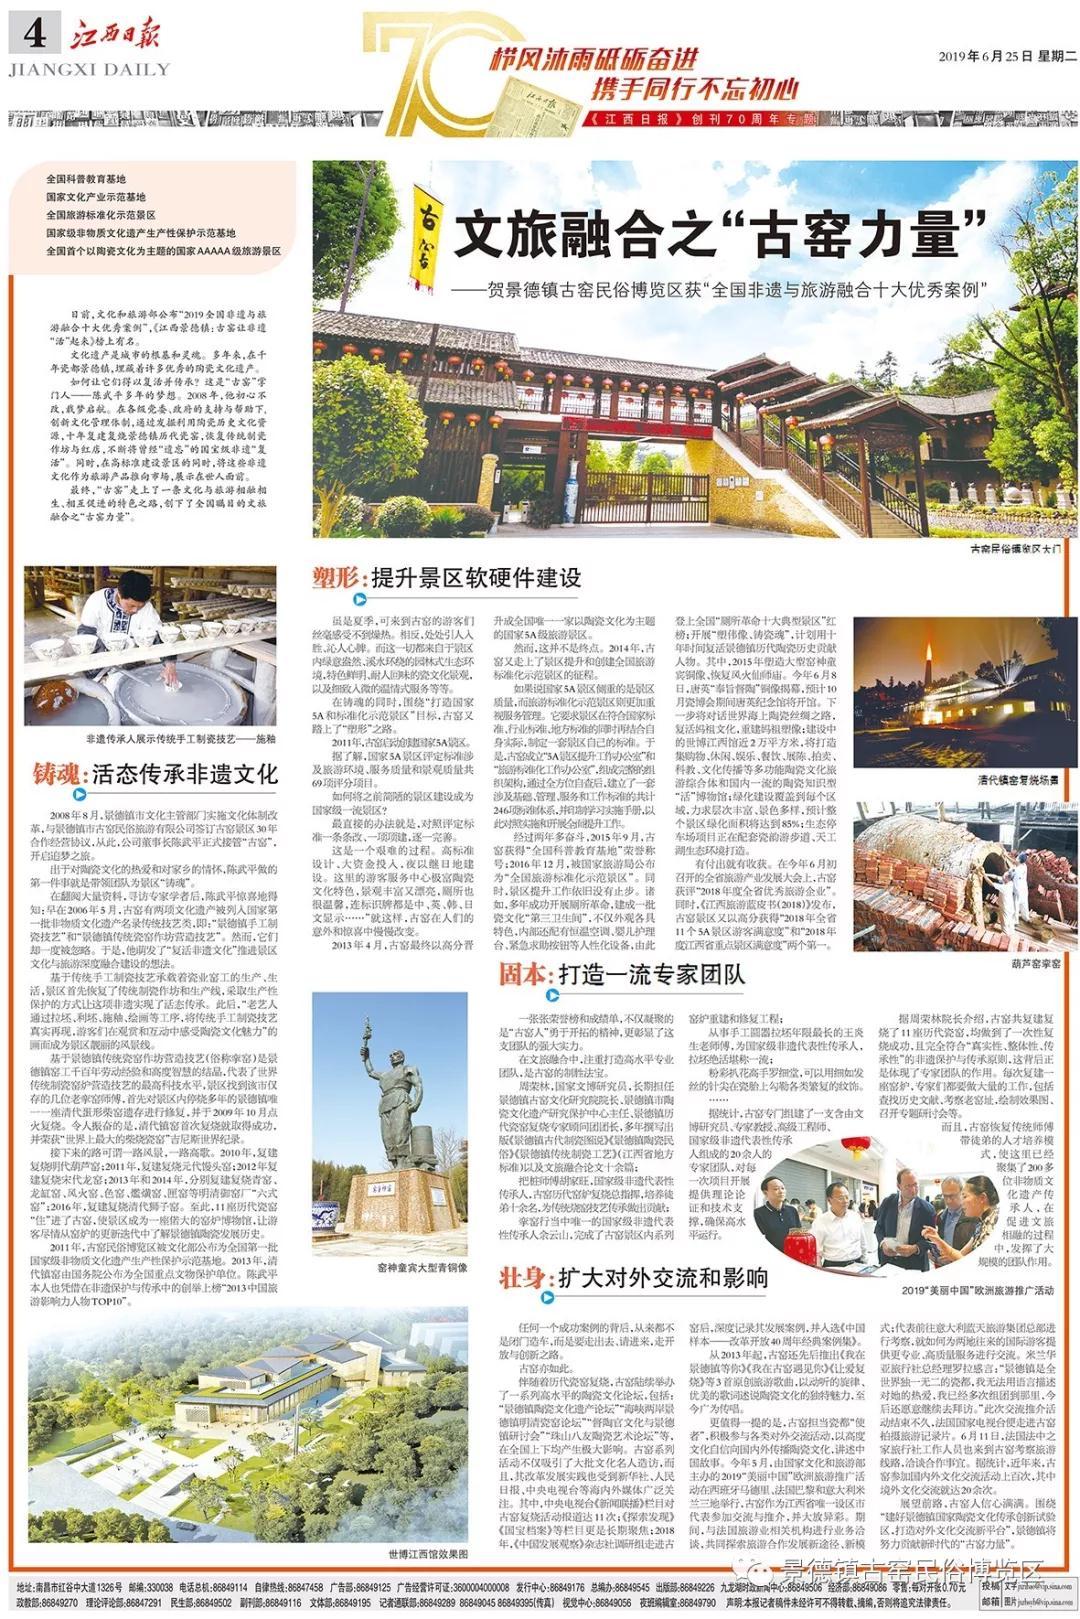 喜讯   《江西日报》专版祝贺景德镇